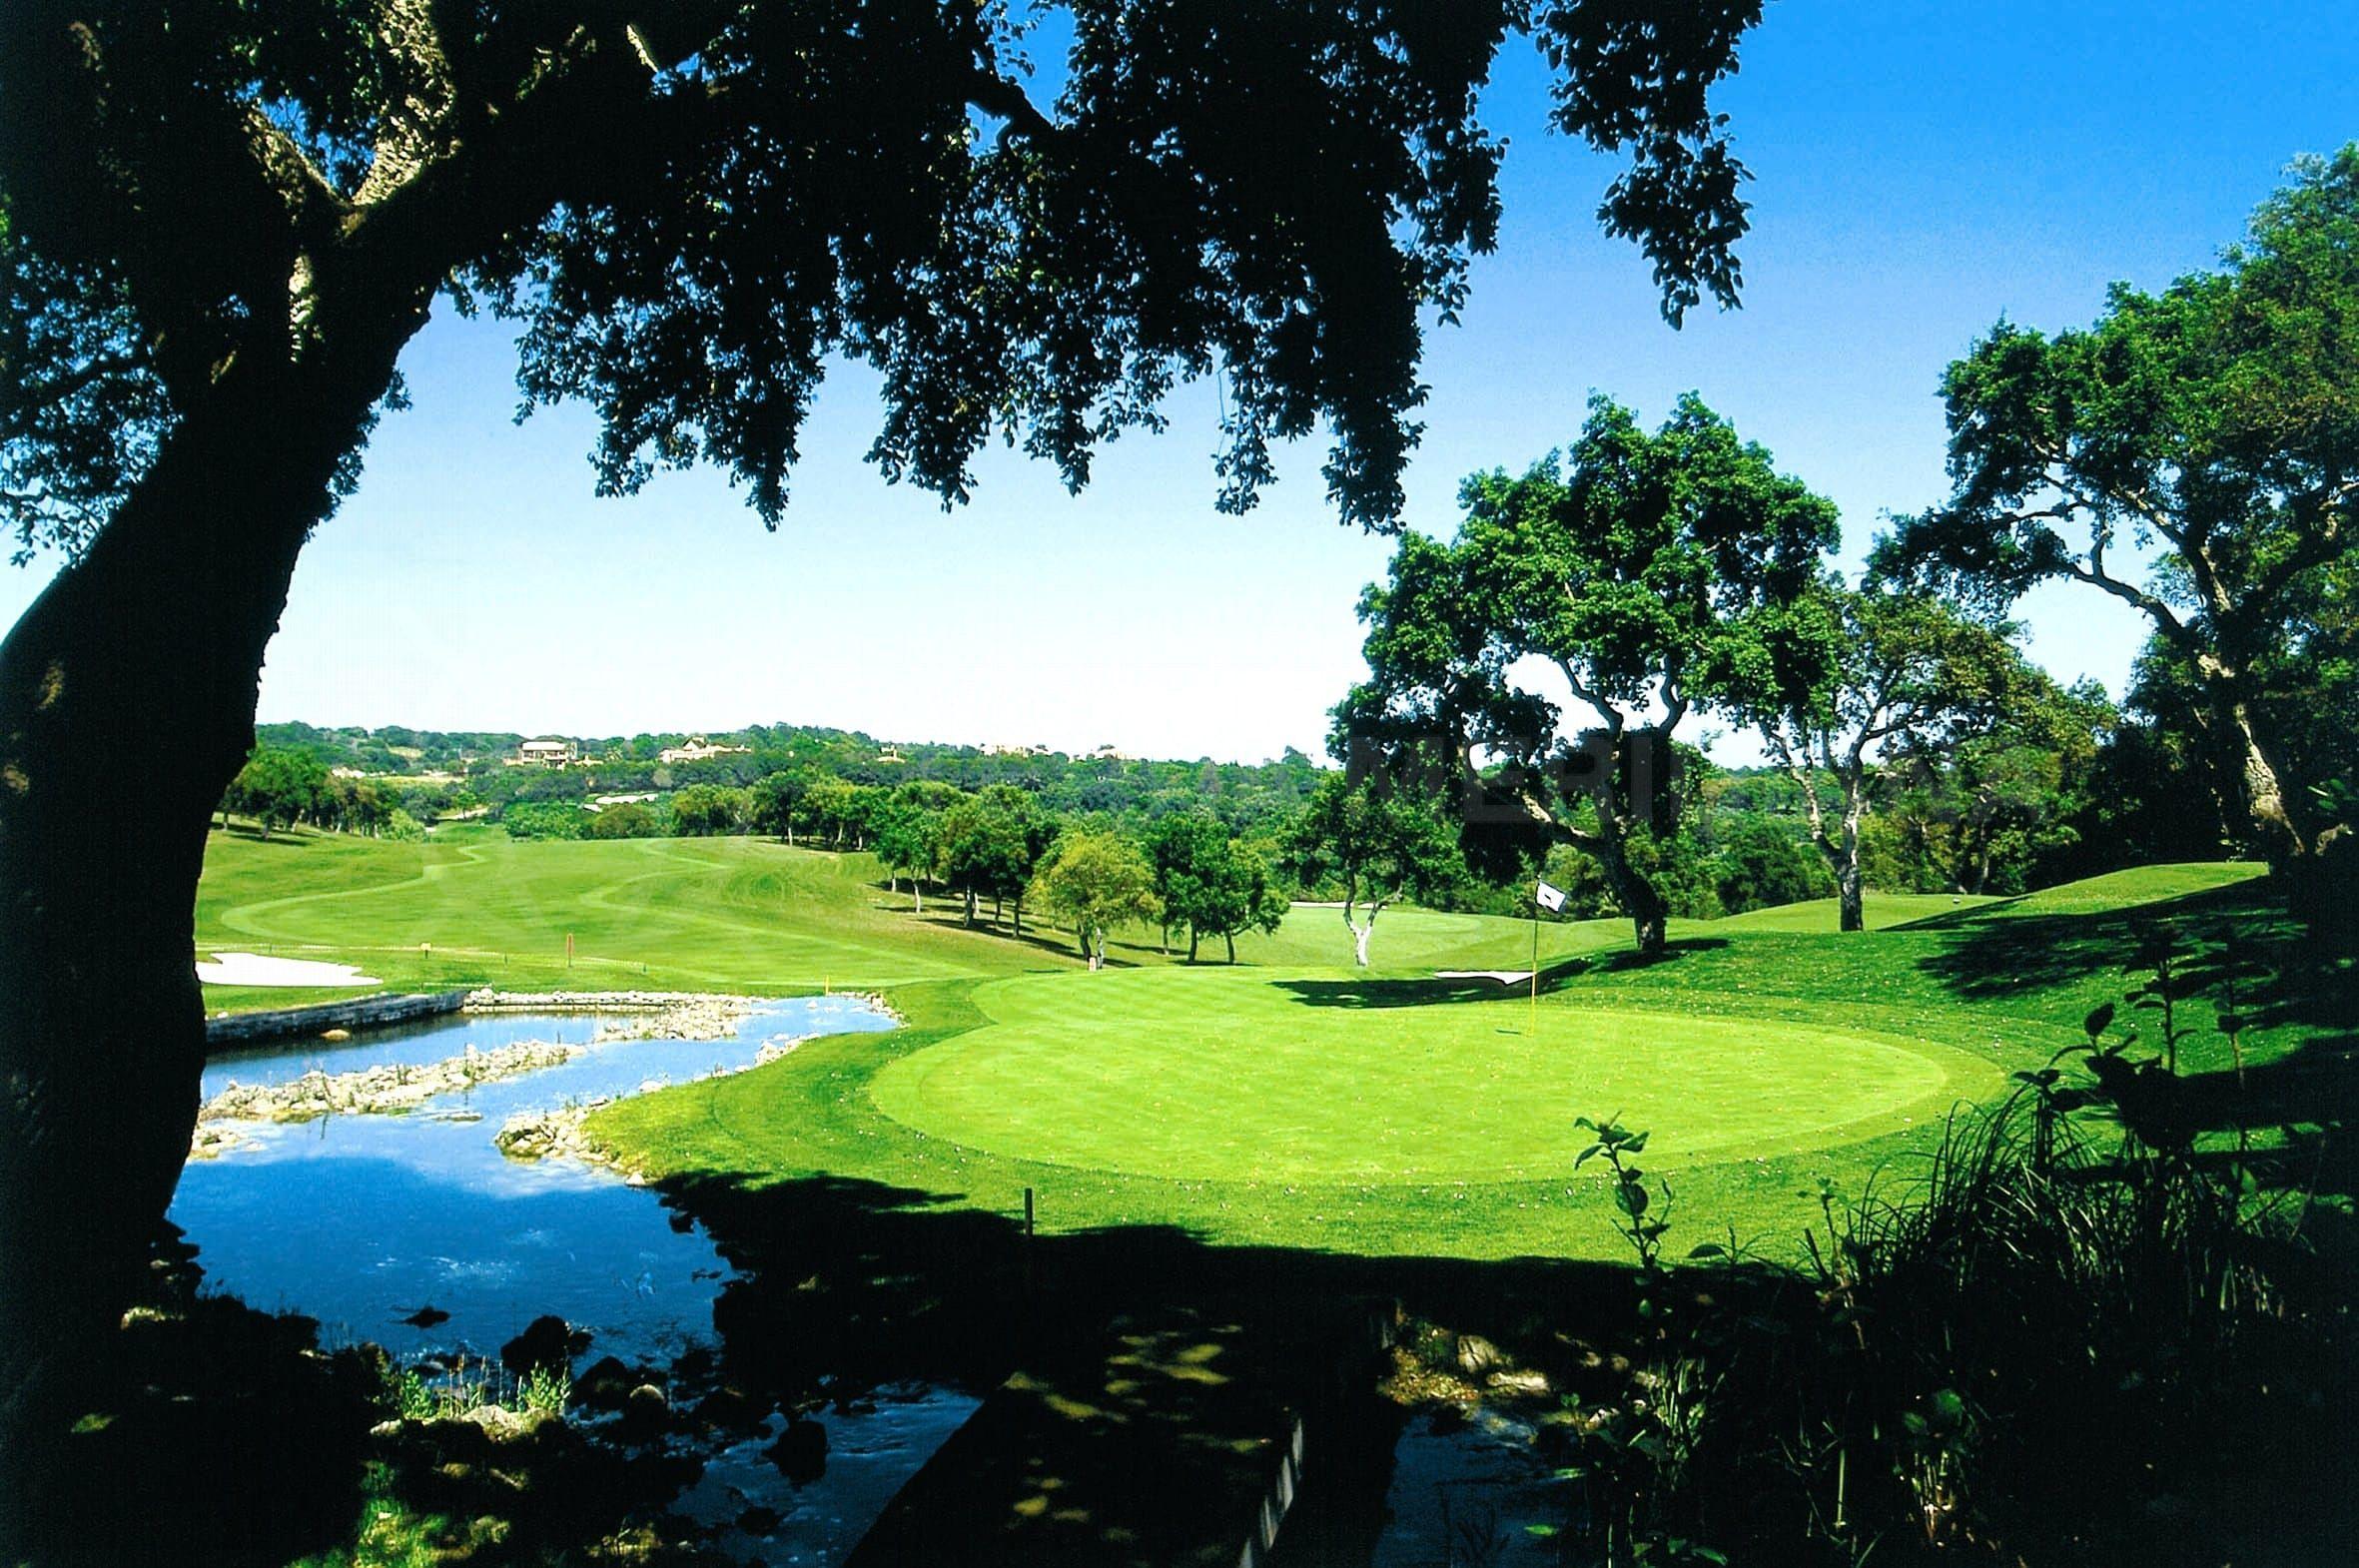 El resort residencial de lujo de La Zagaleta compra Valderrama en Sotogrande por €40 millones